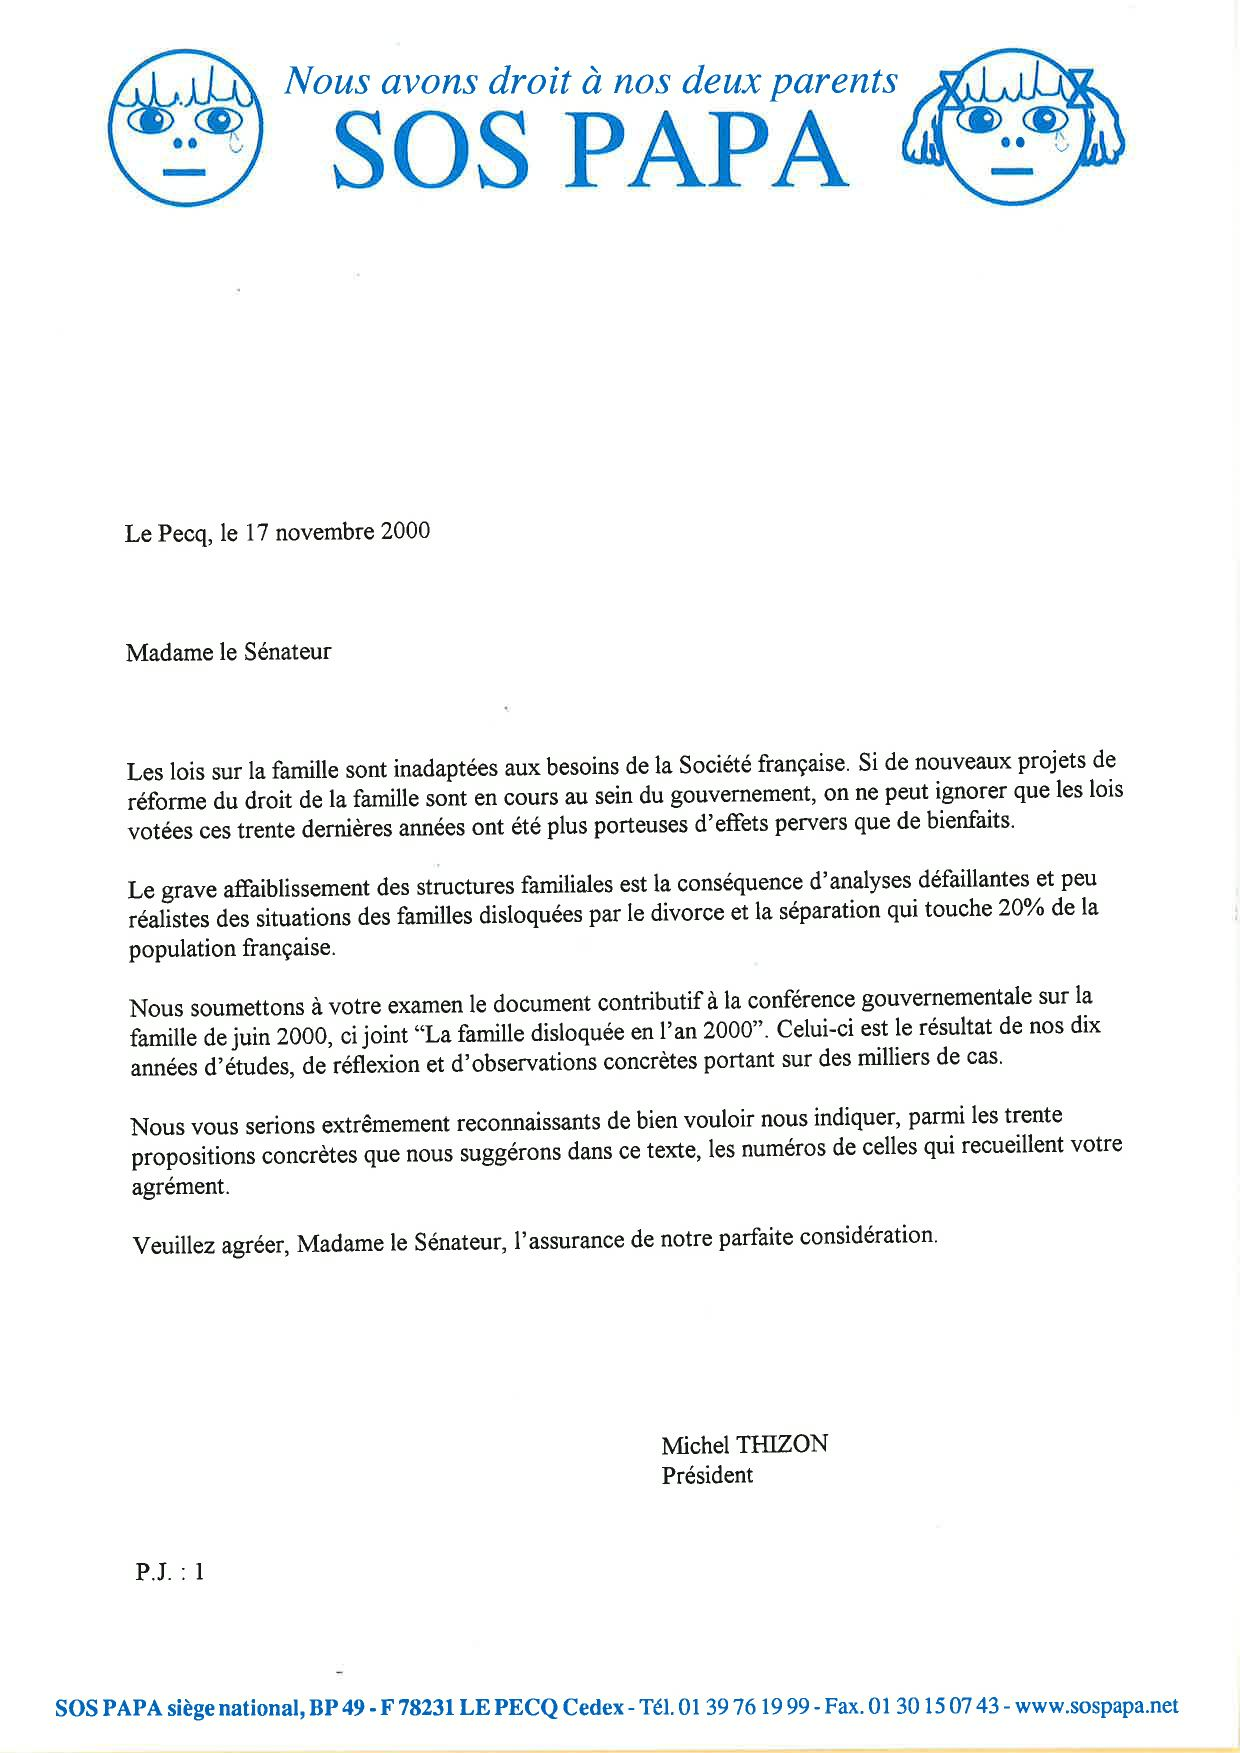 Courrier de Michel Thizon aux sénateurs, 17/11/2000